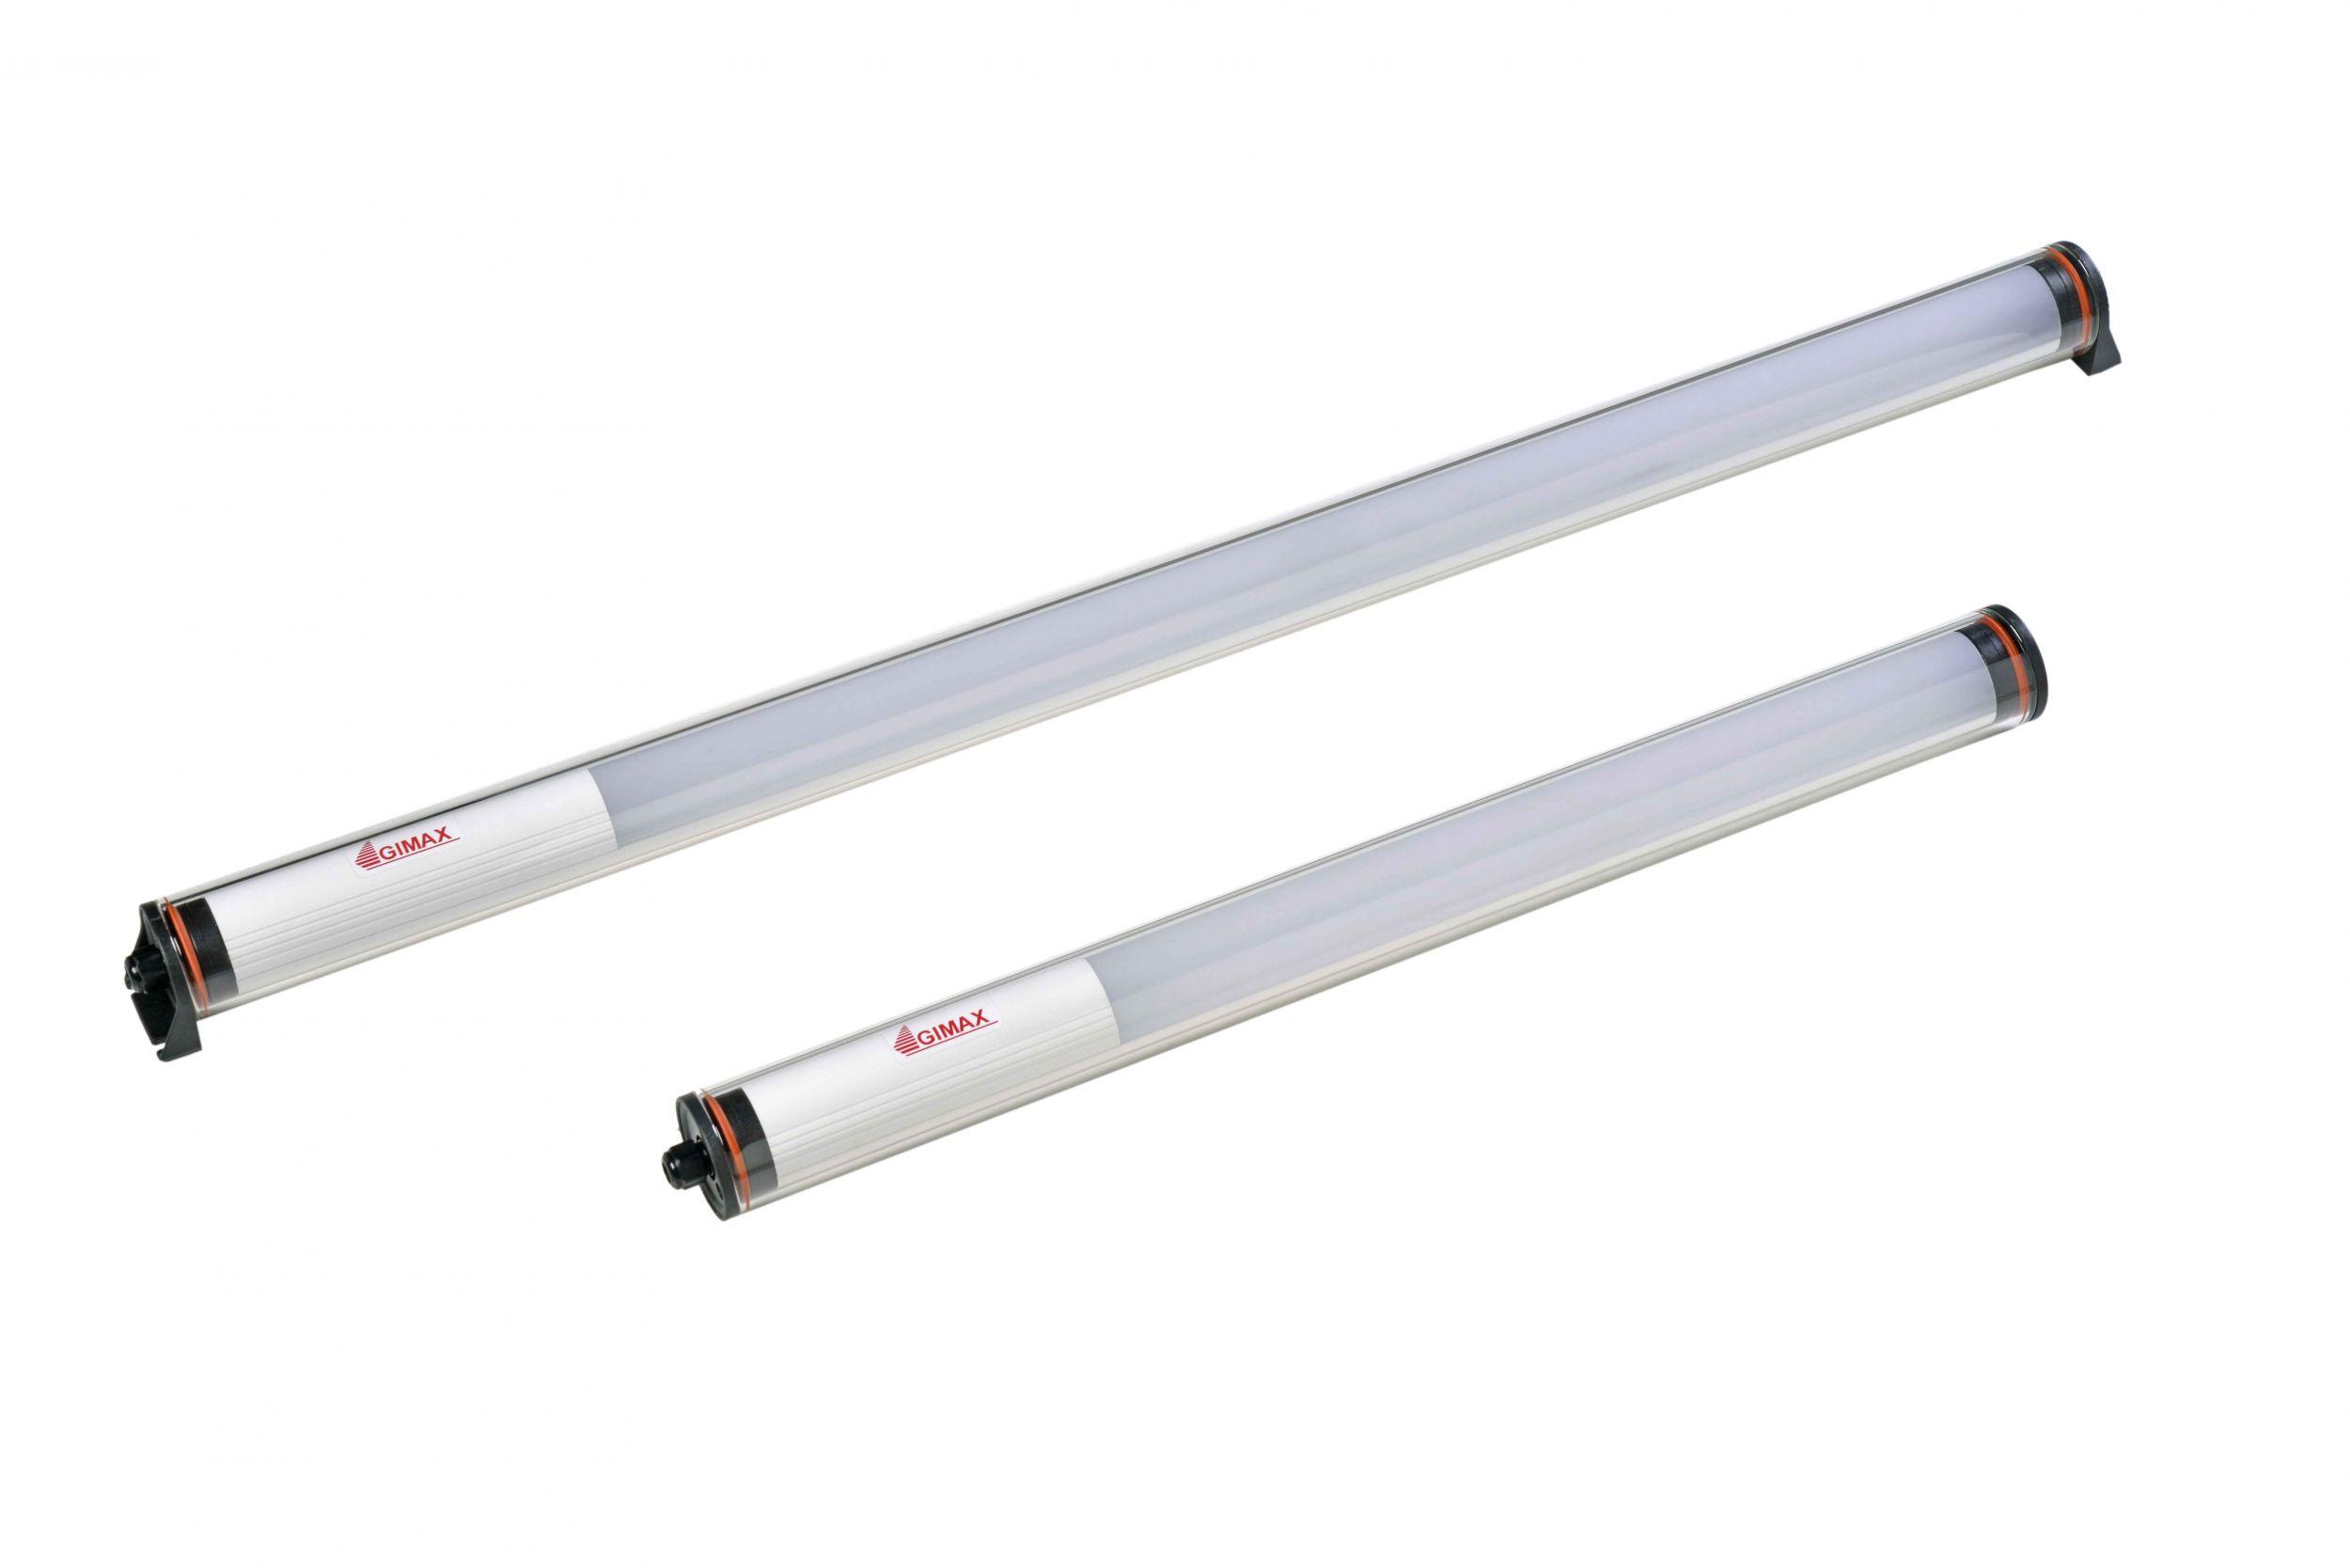 Gute Lichtqualität in LED-Maschinenleuchten